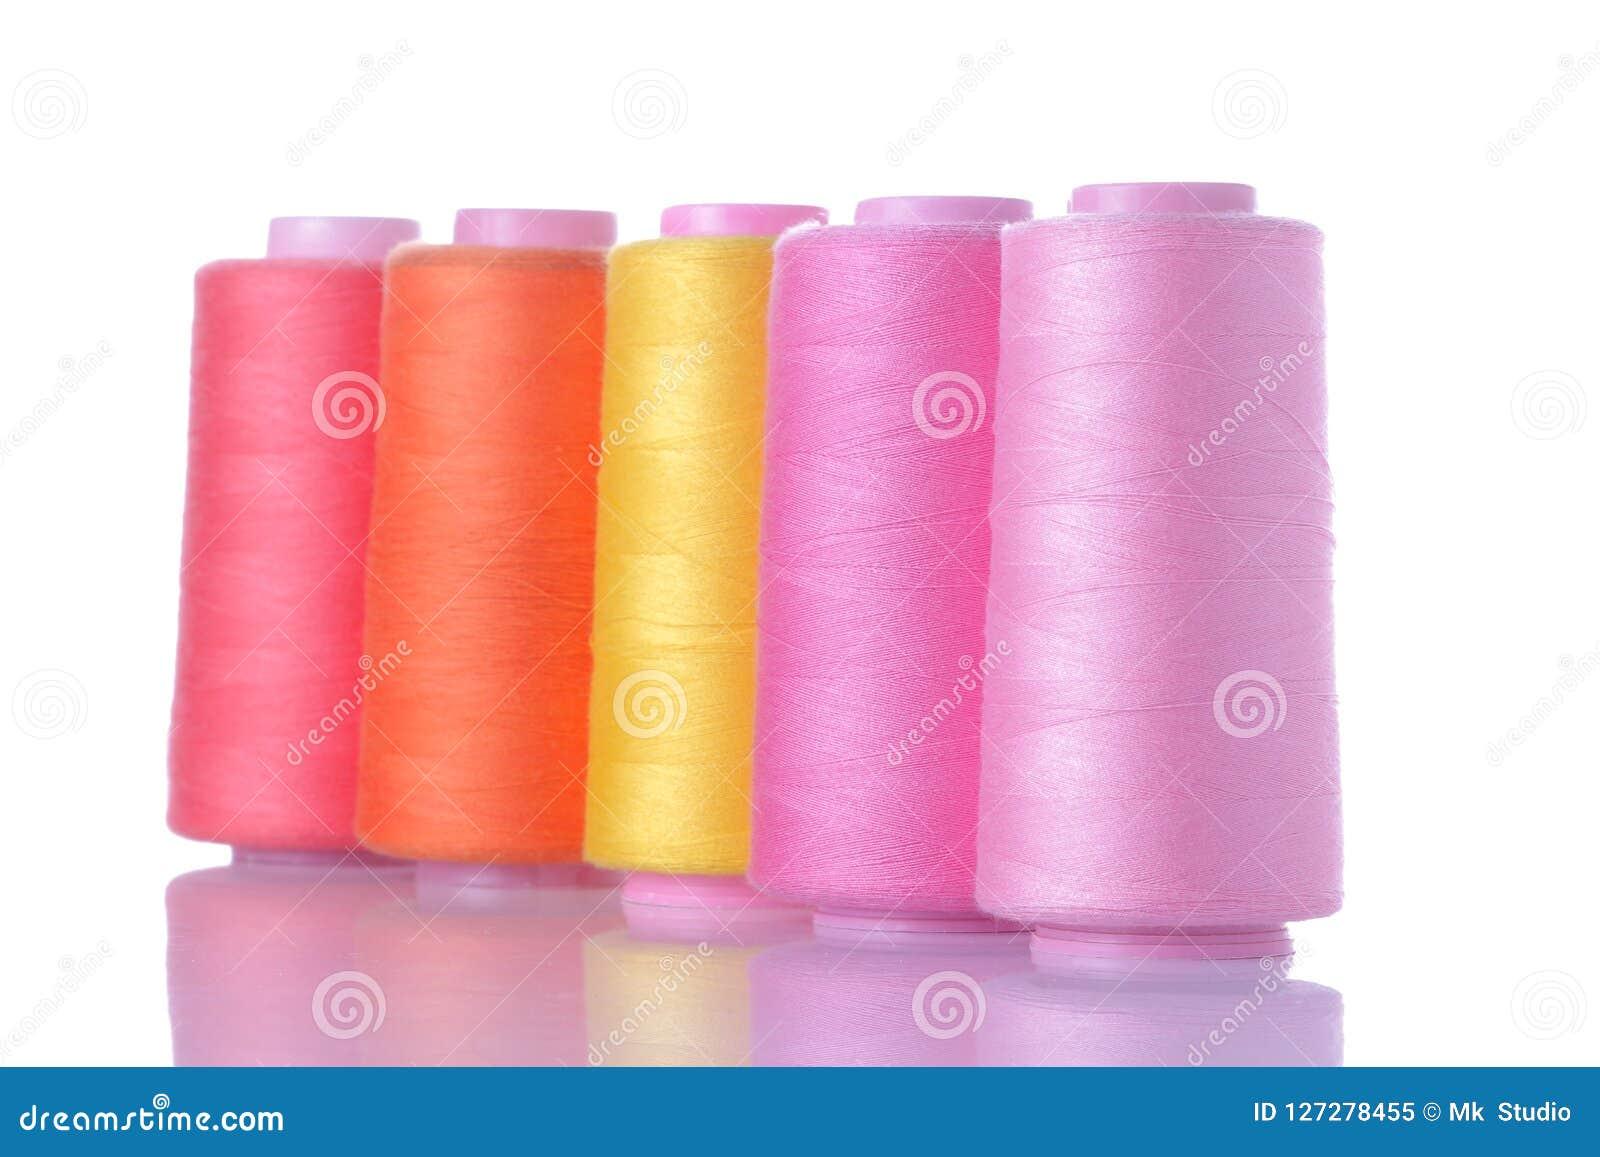 Spoelen met draden op wit geïsoleerde achtergrond Toebehoren voor het naaien